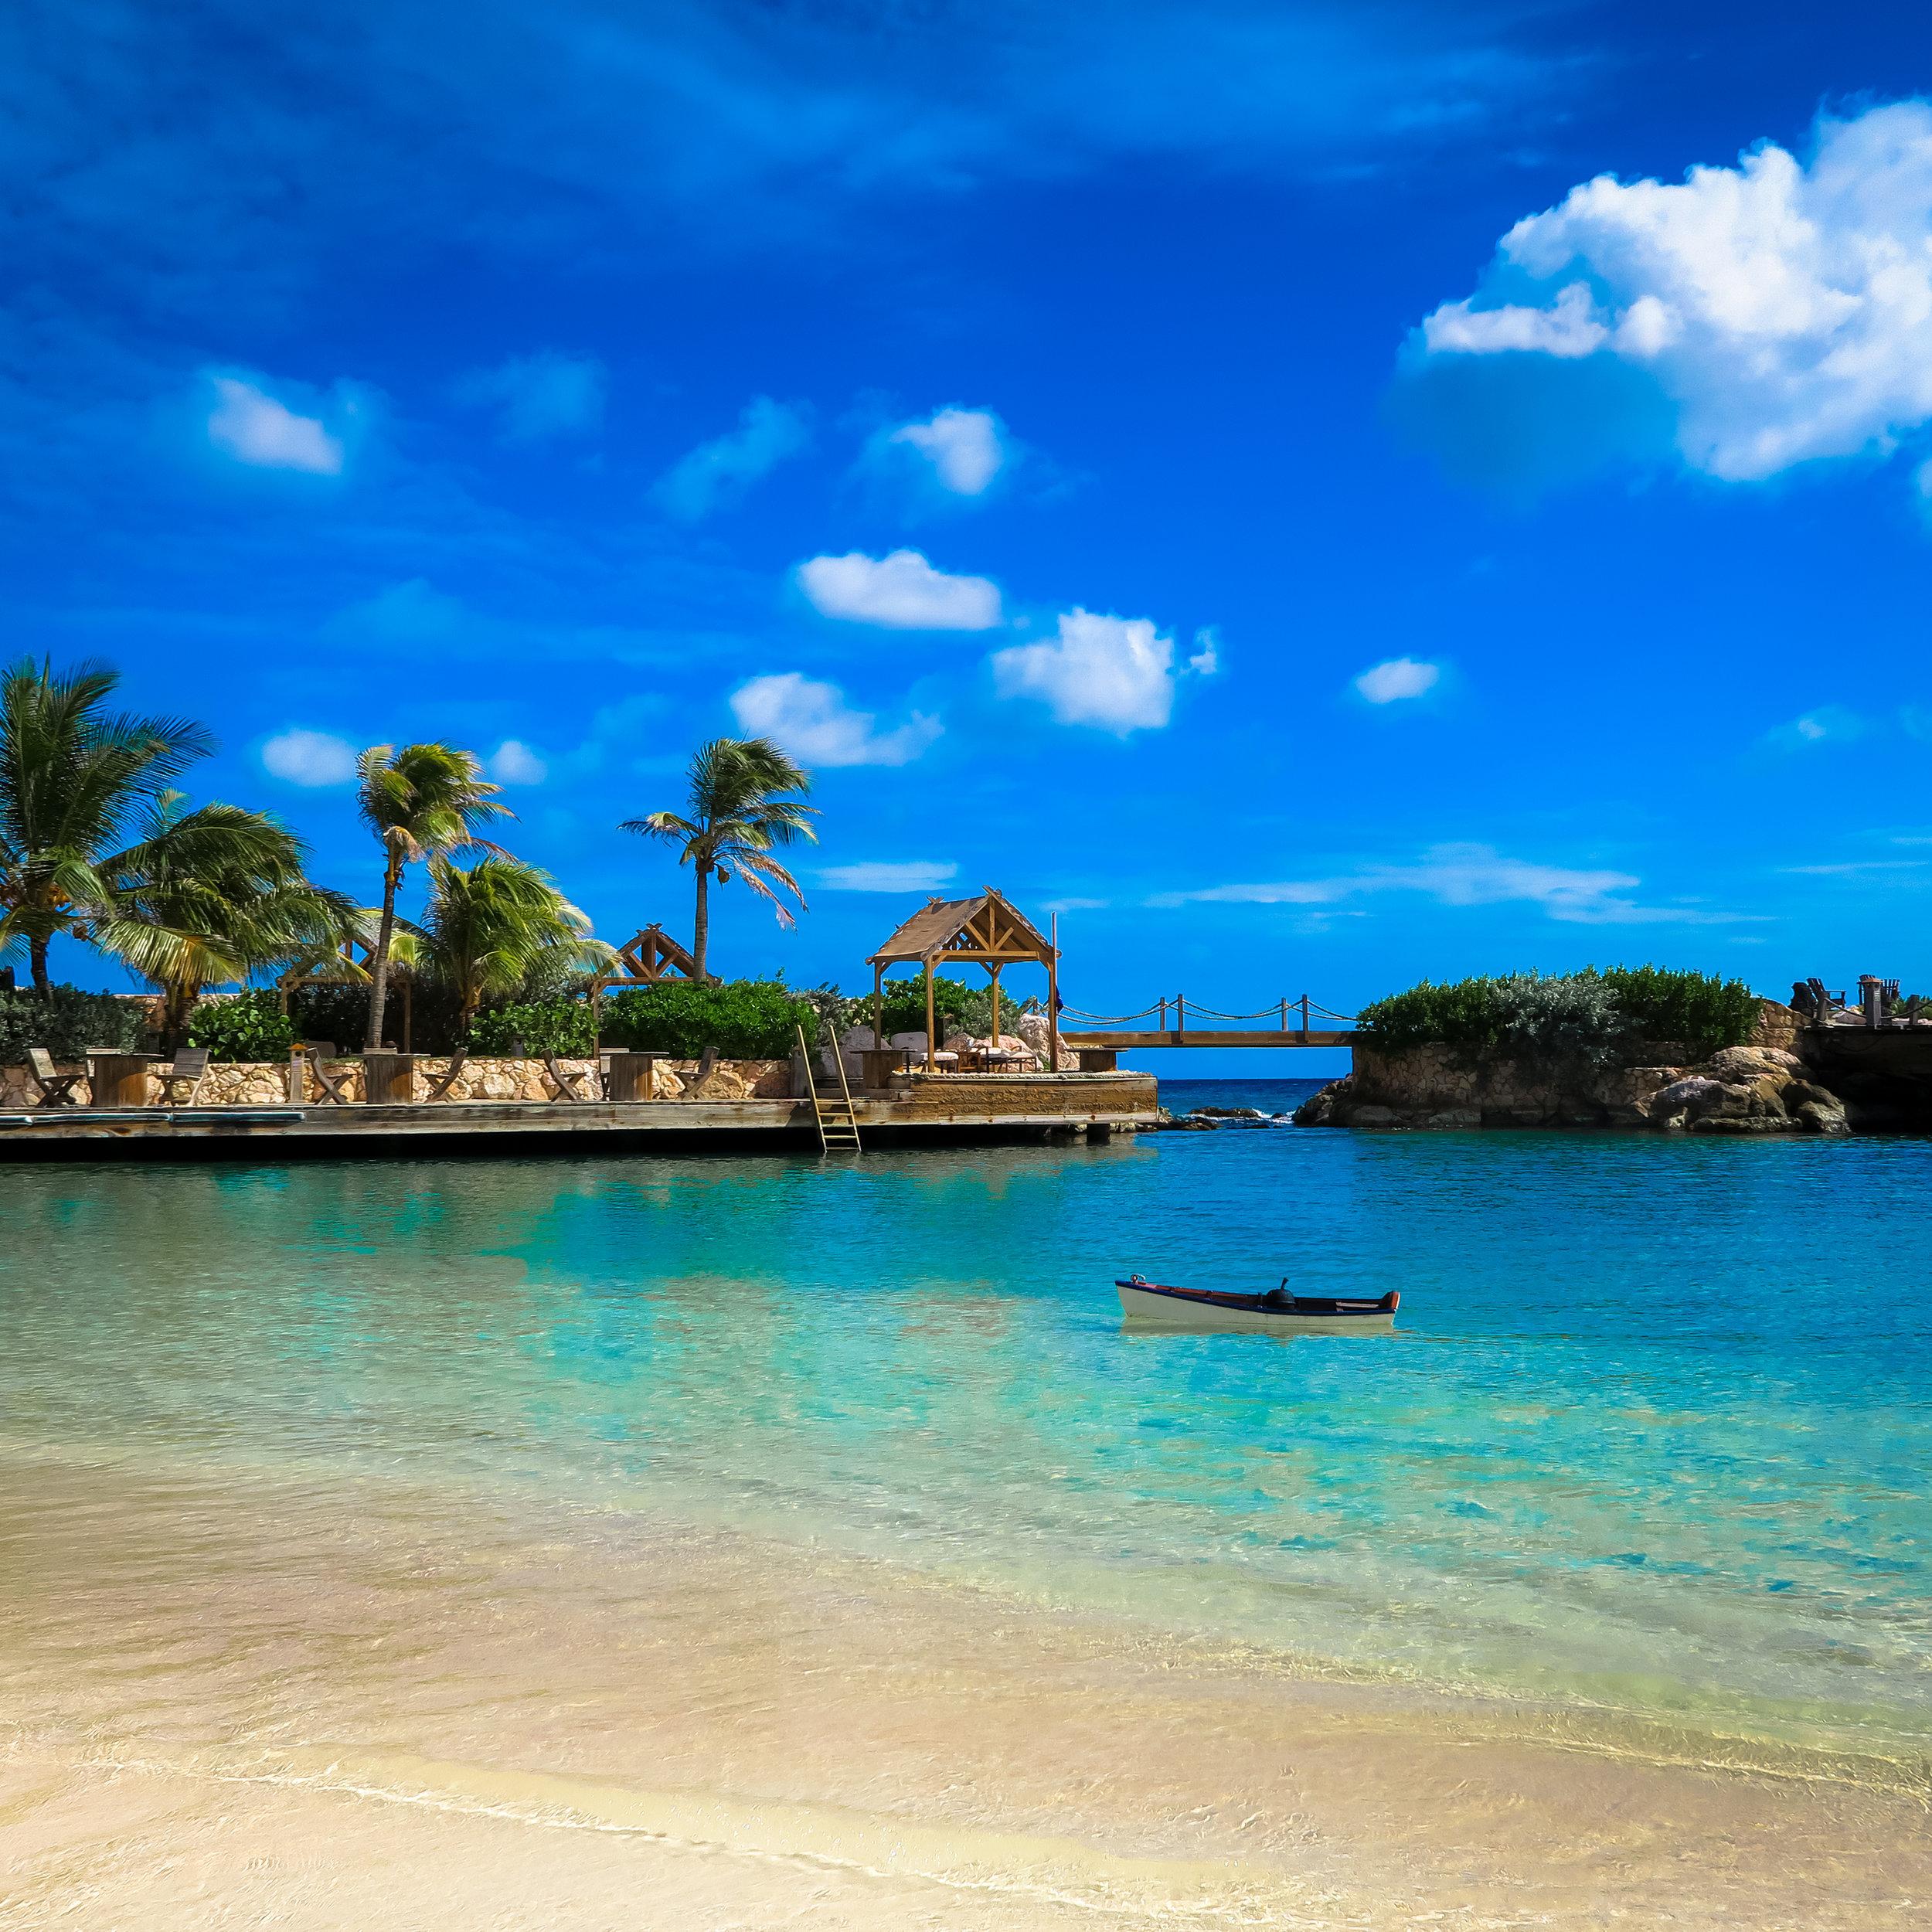 Best Beaches & Beach Clubs in Curacao